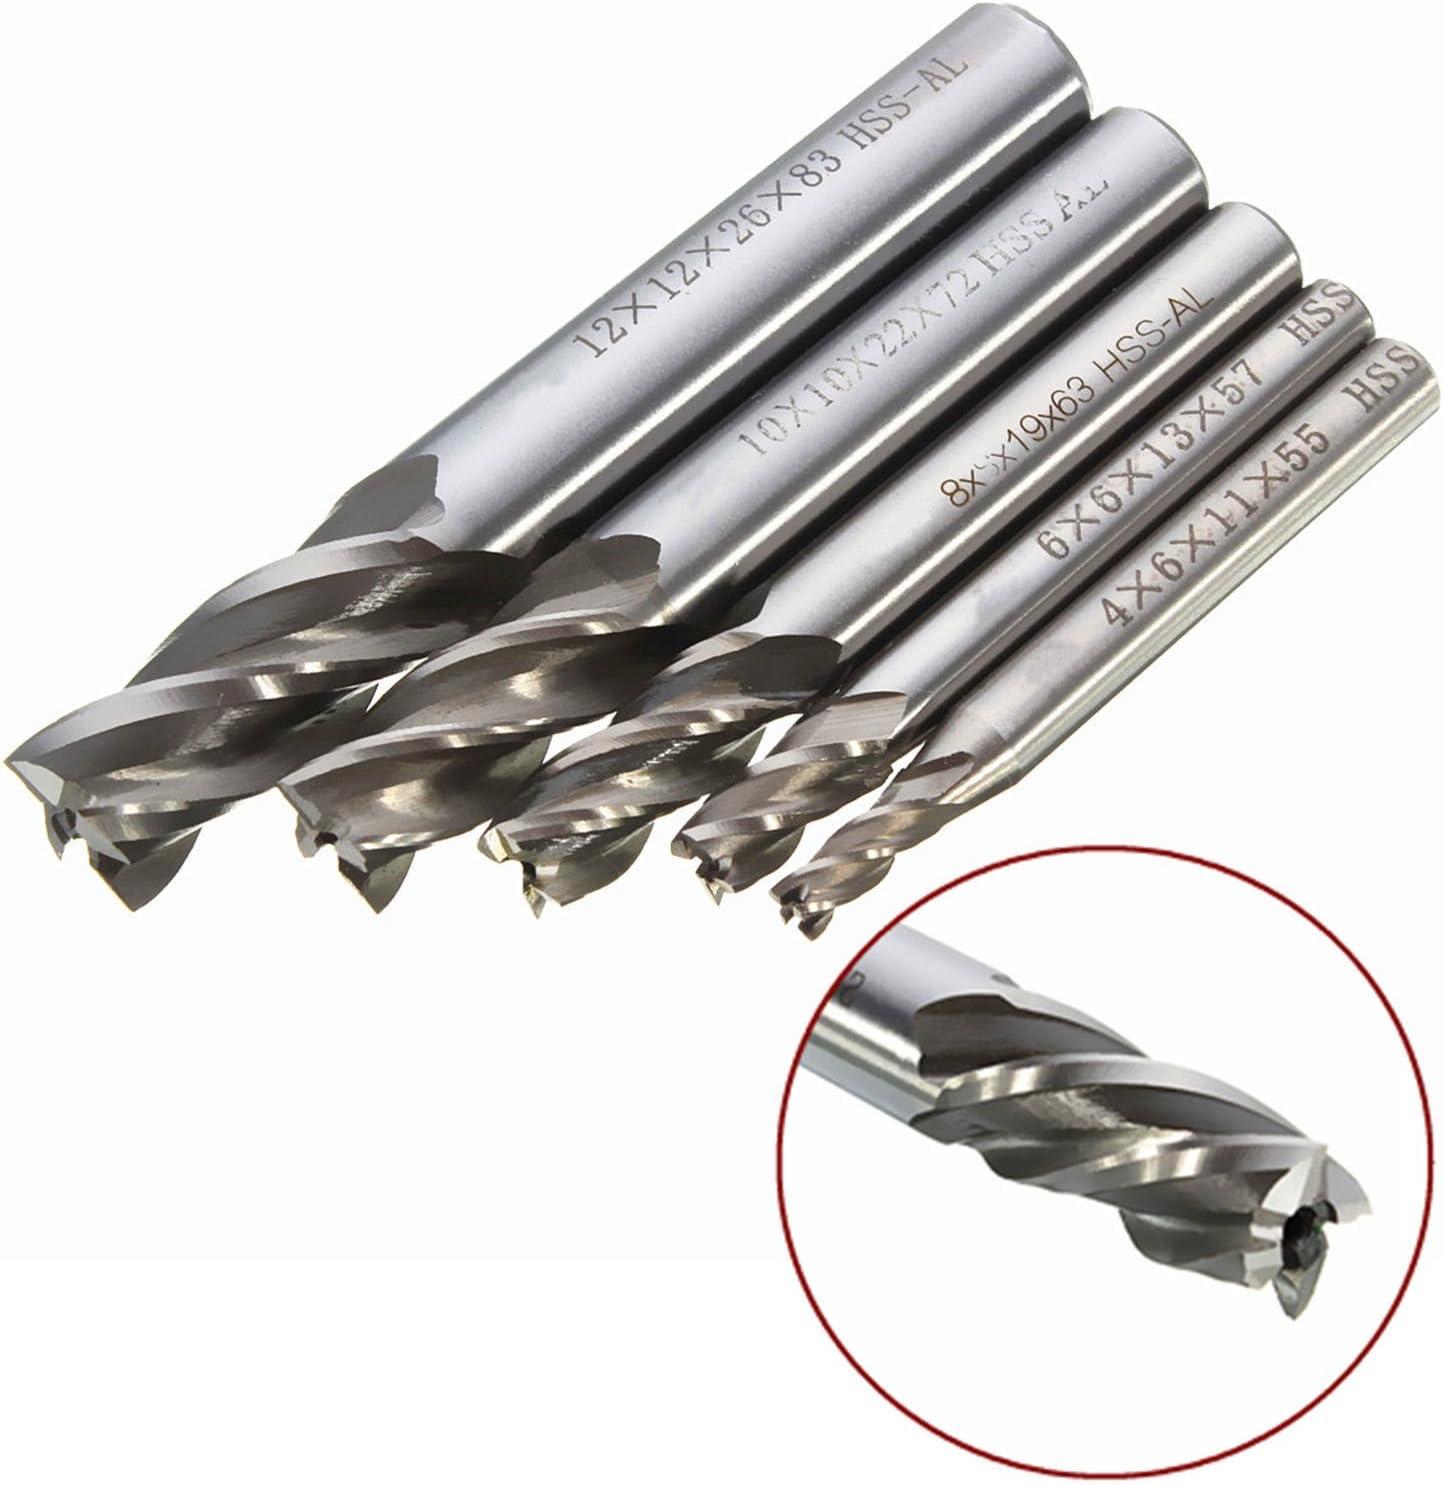 8mm HSS CNC Straight Shank 4 Flute End Mill Cutter Drill Bit Tool Durable